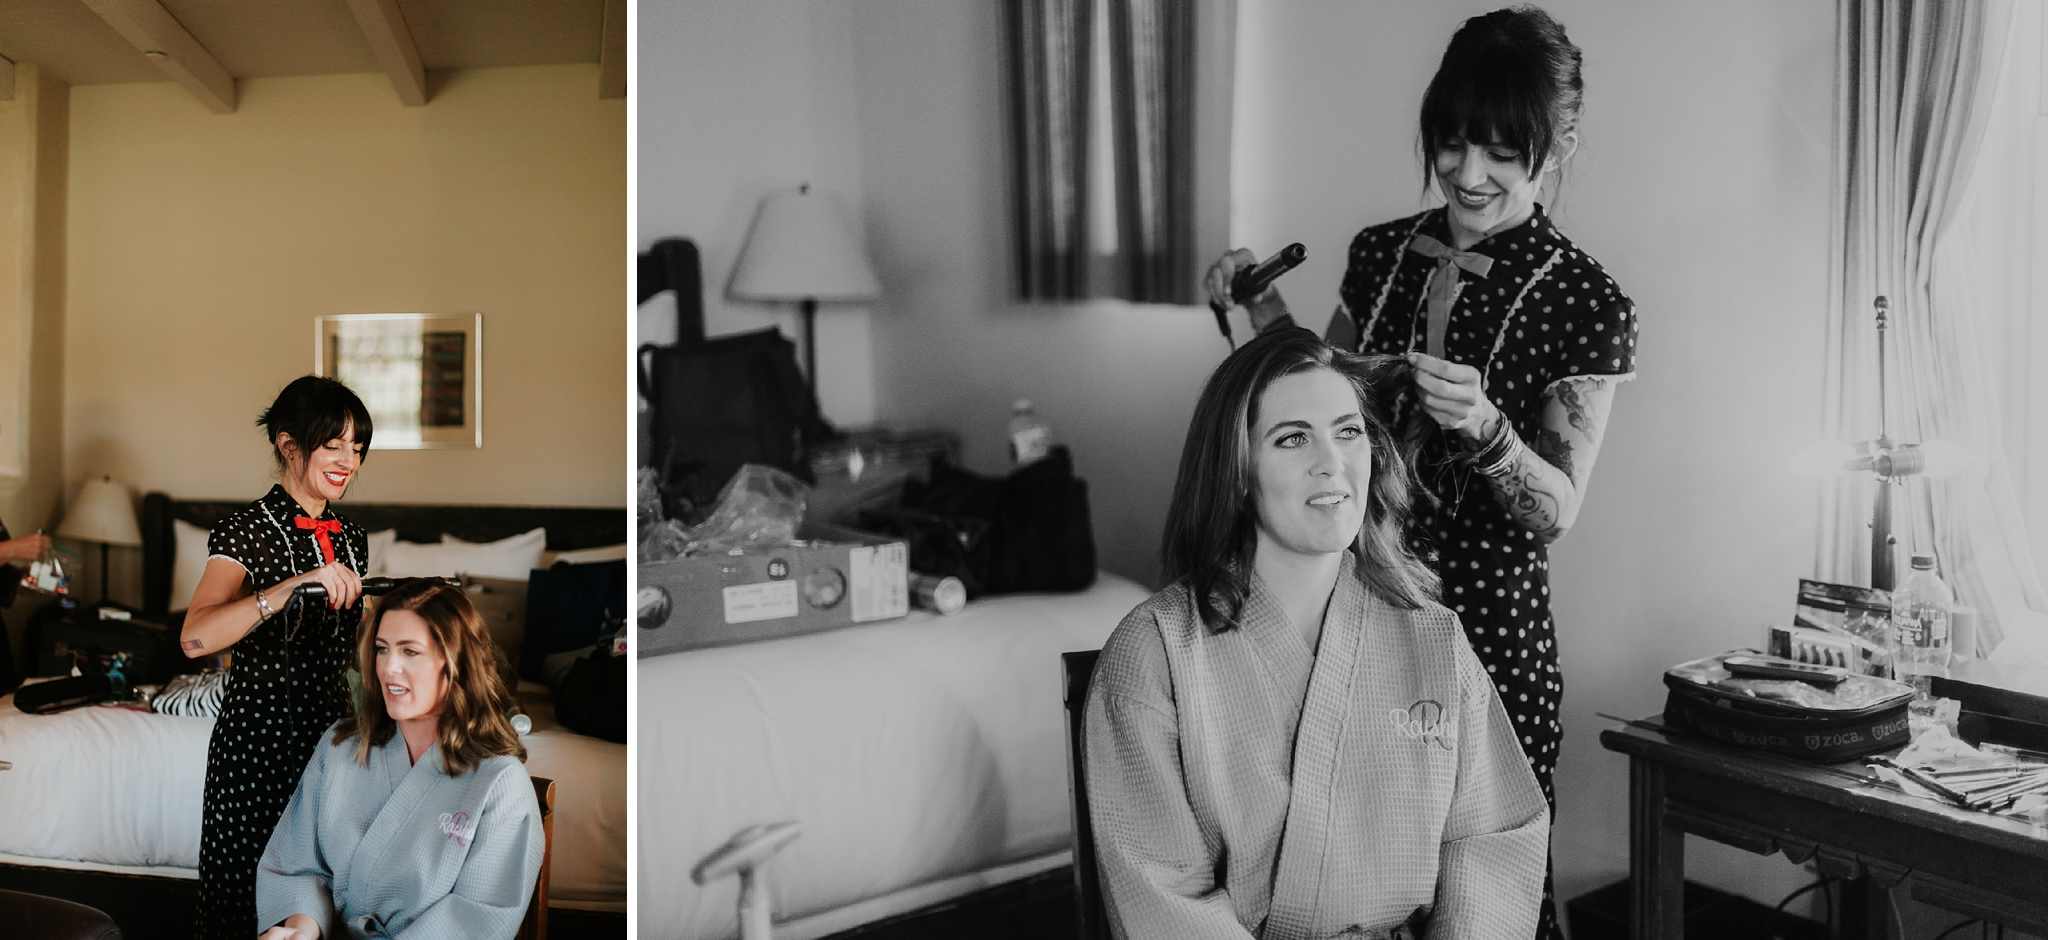 Alicia+lucia+photography+-+albuquerque+wedding+photographer+-+santa+fe+wedding+photography+-+new+mexico+wedding+photographer+-+new+mexico+wedding+-+new+mexico+wedding+-+new+mexico+mua+hairstylist+-+genica+lee+hair+makeup_0057.jpg